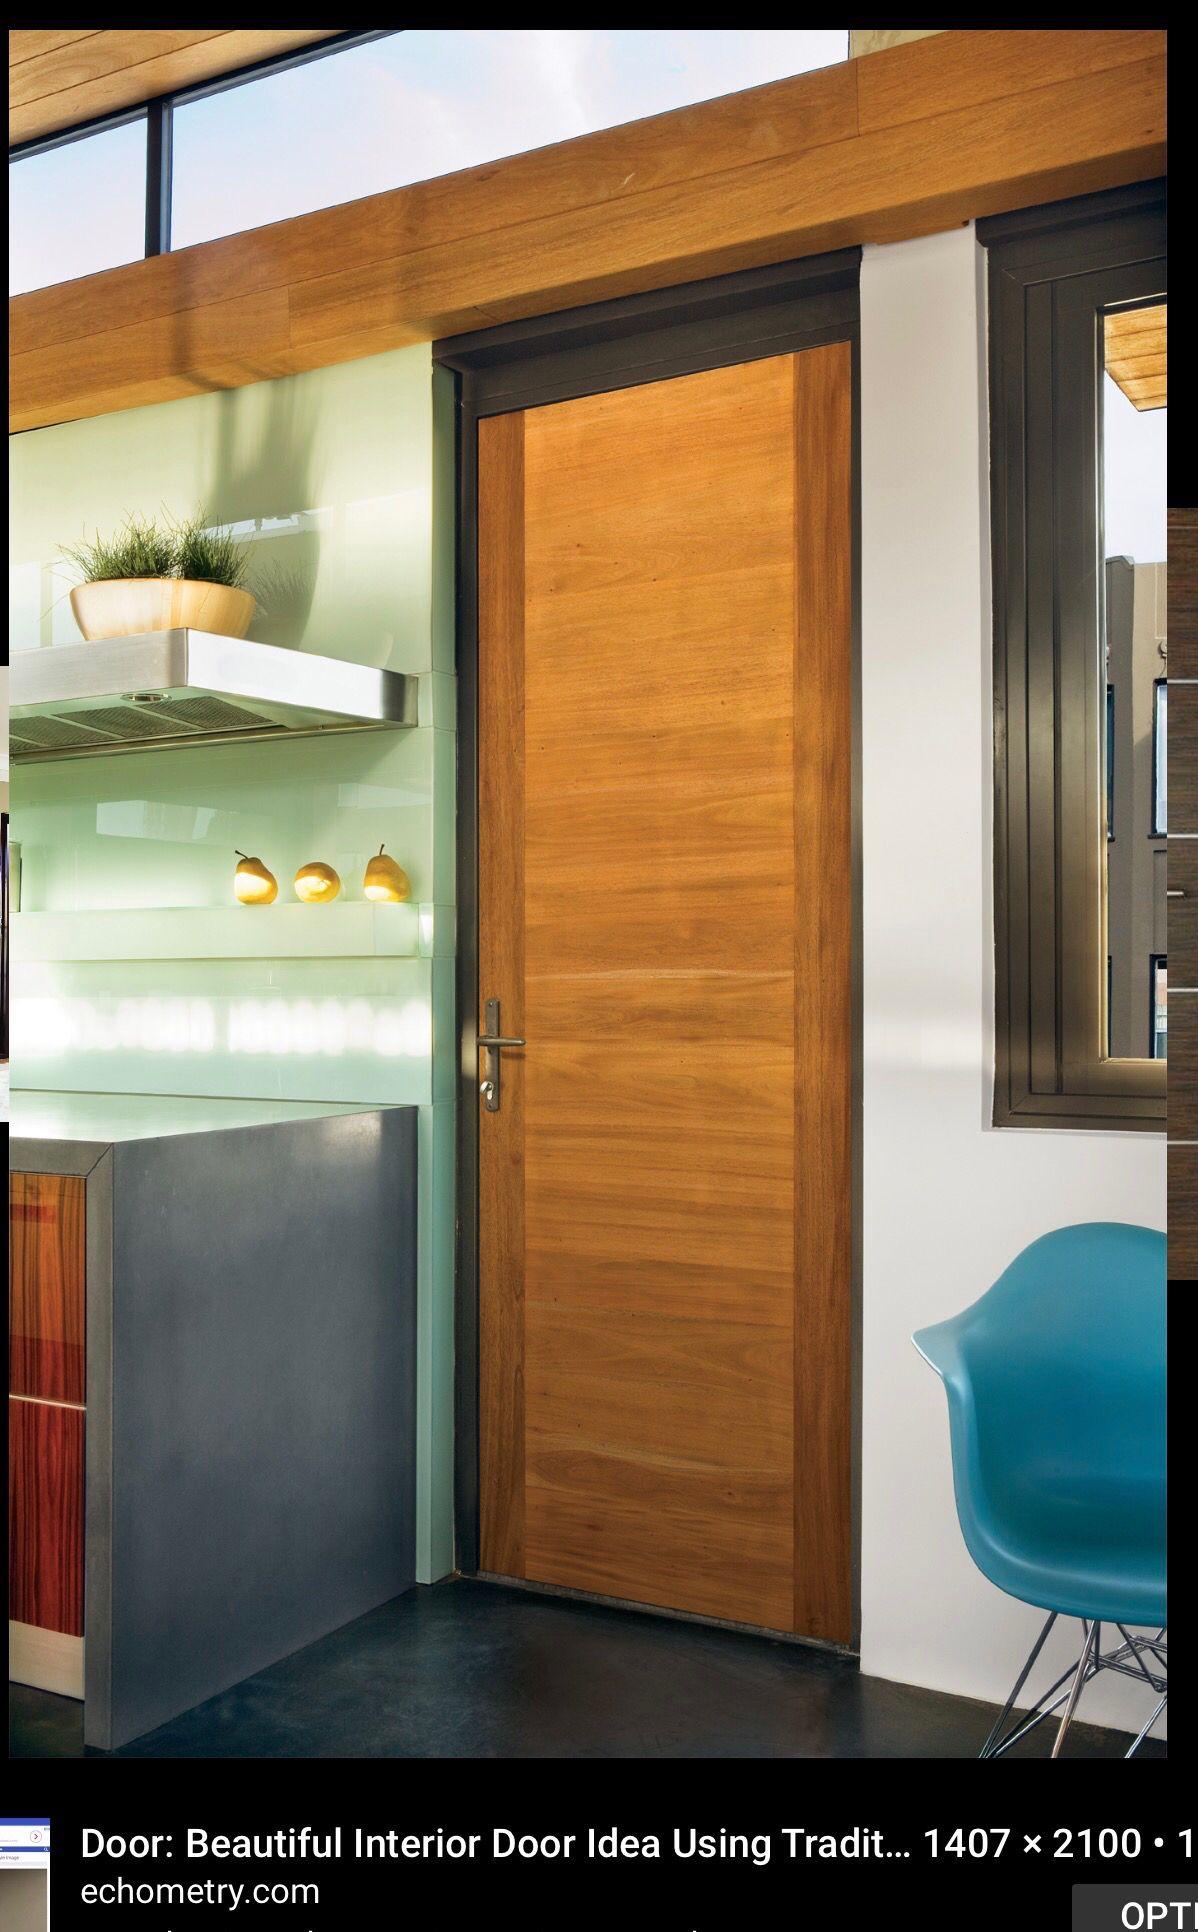 Pin By Ariane Brainin On Doors Door Hardware Interior Craftsman Interior Doors Internal Glass Doors